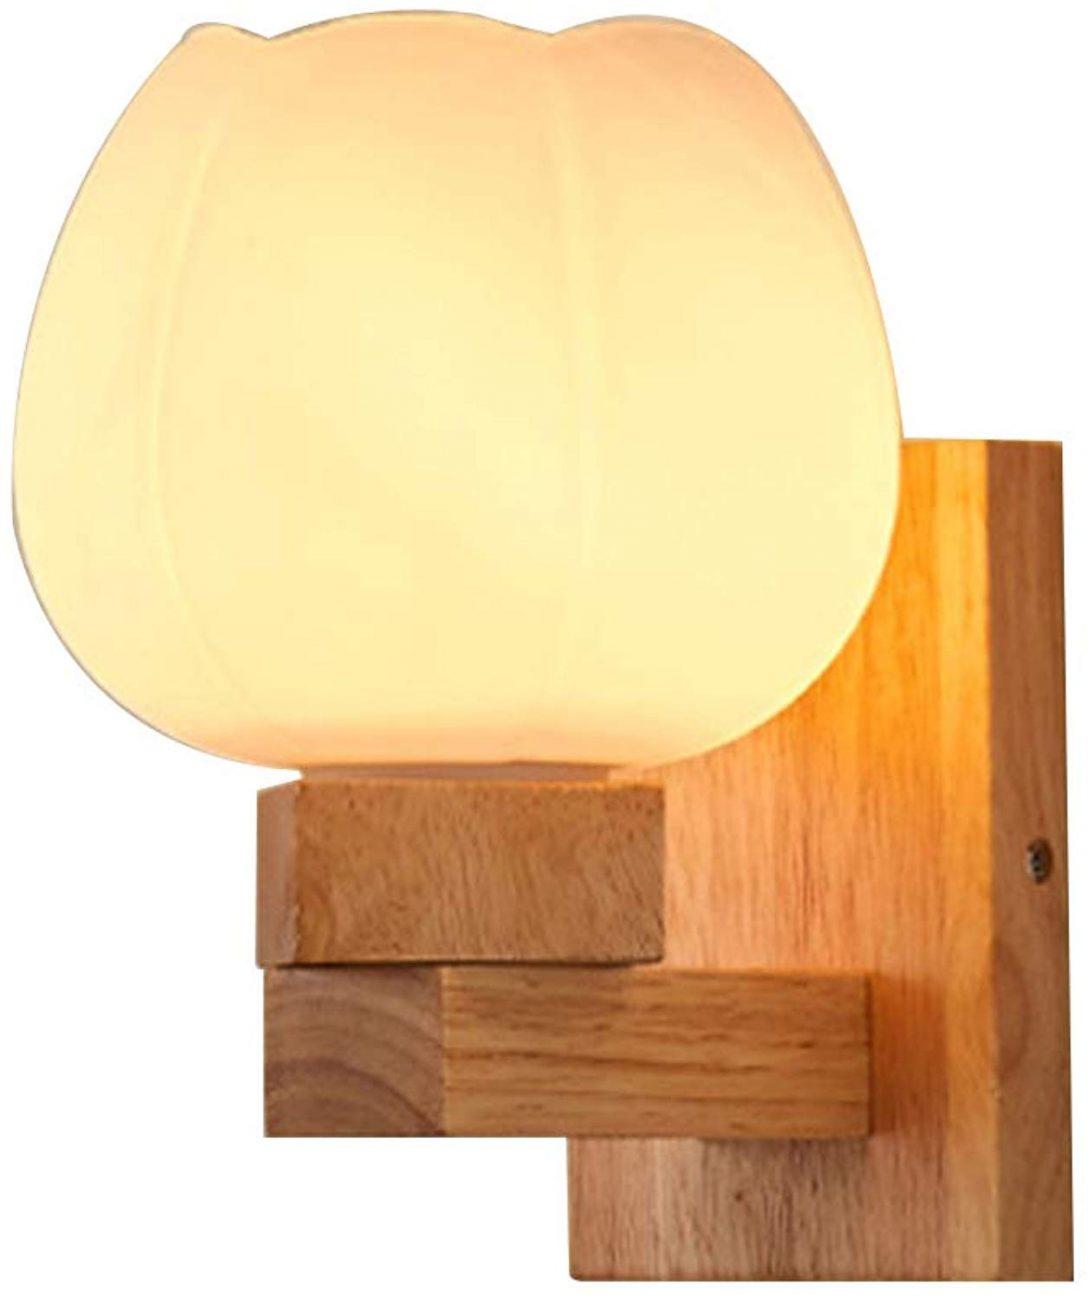 Large Size of Schlafzimmer Wandlampe Holz Mit Schalter Wandlampen Led Design Leselampe Dimmbar Ikea Schwenkbar Modern Wandleuchte Umweltschutz Massivholz Leuchte Deckenlampe Schlafzimmer Schlafzimmer Wandlampe